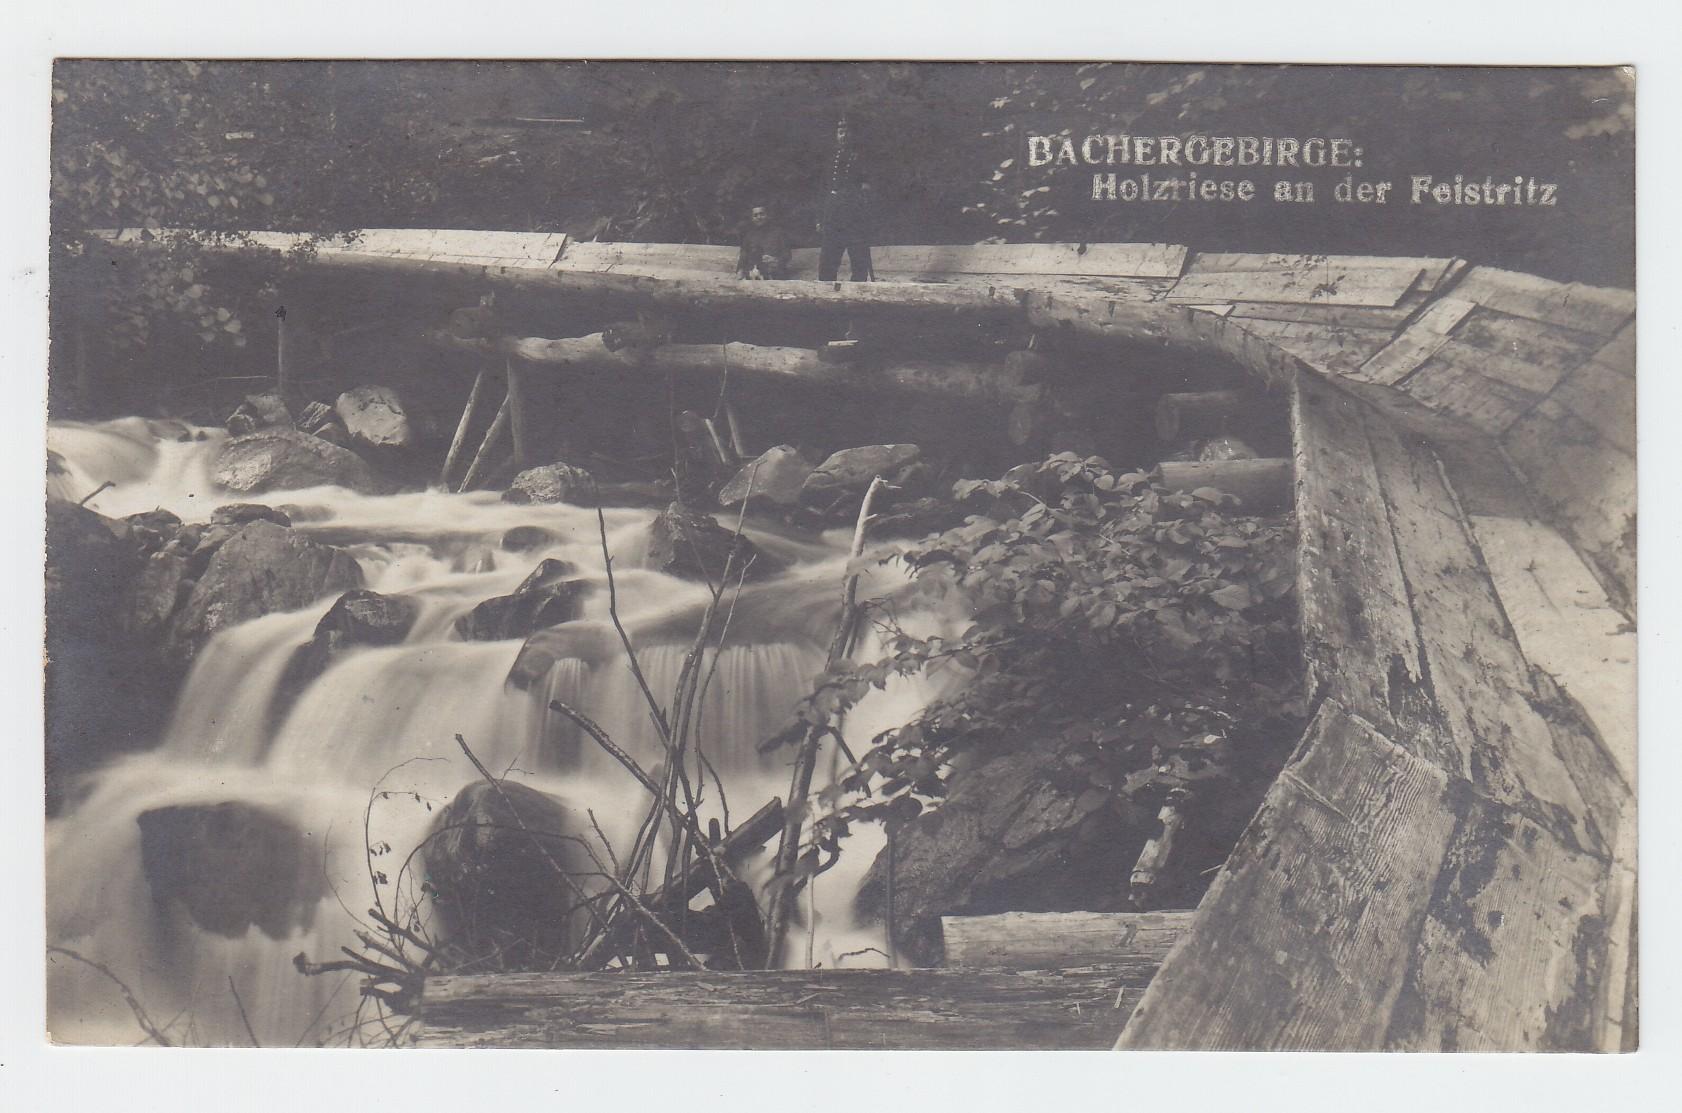 BACHERGEBIRGE: Holzriese an der Feistritz.